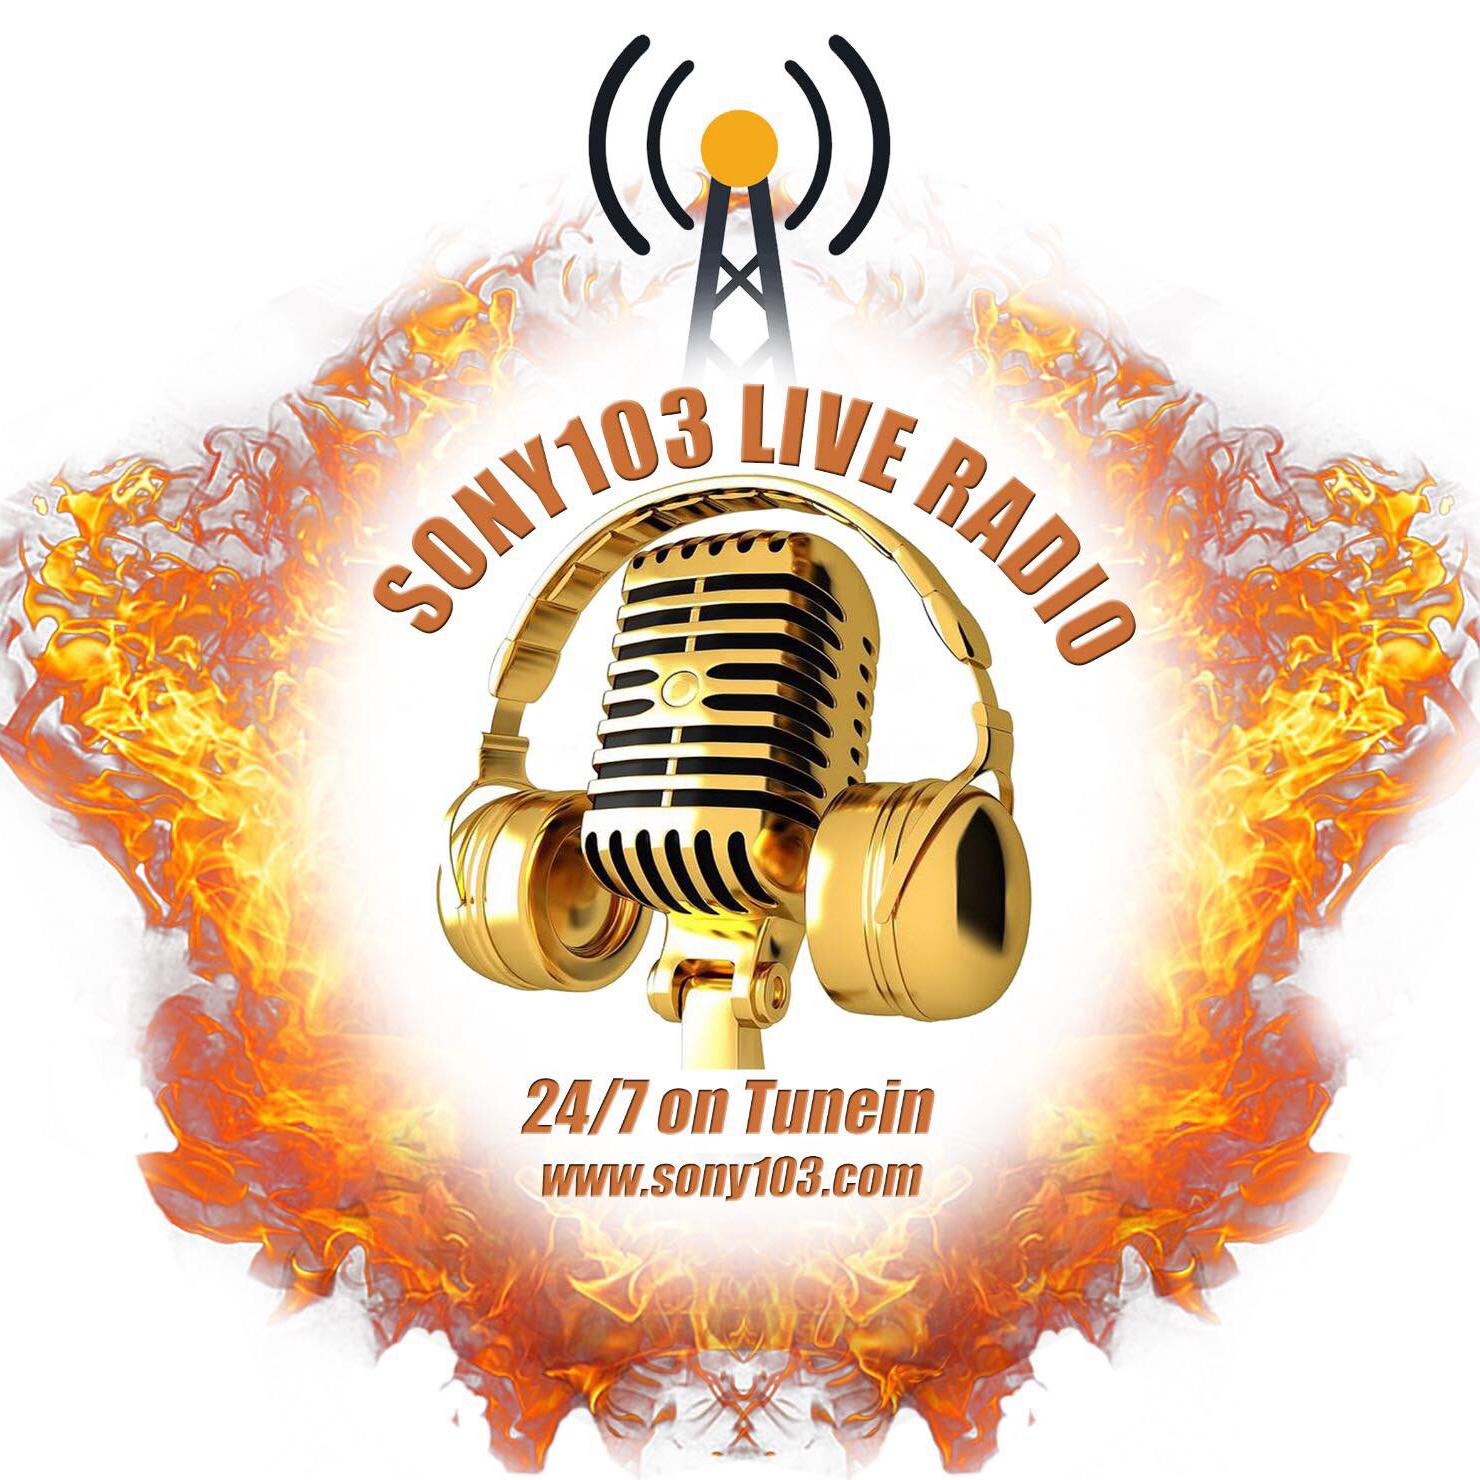 Sony103 FM